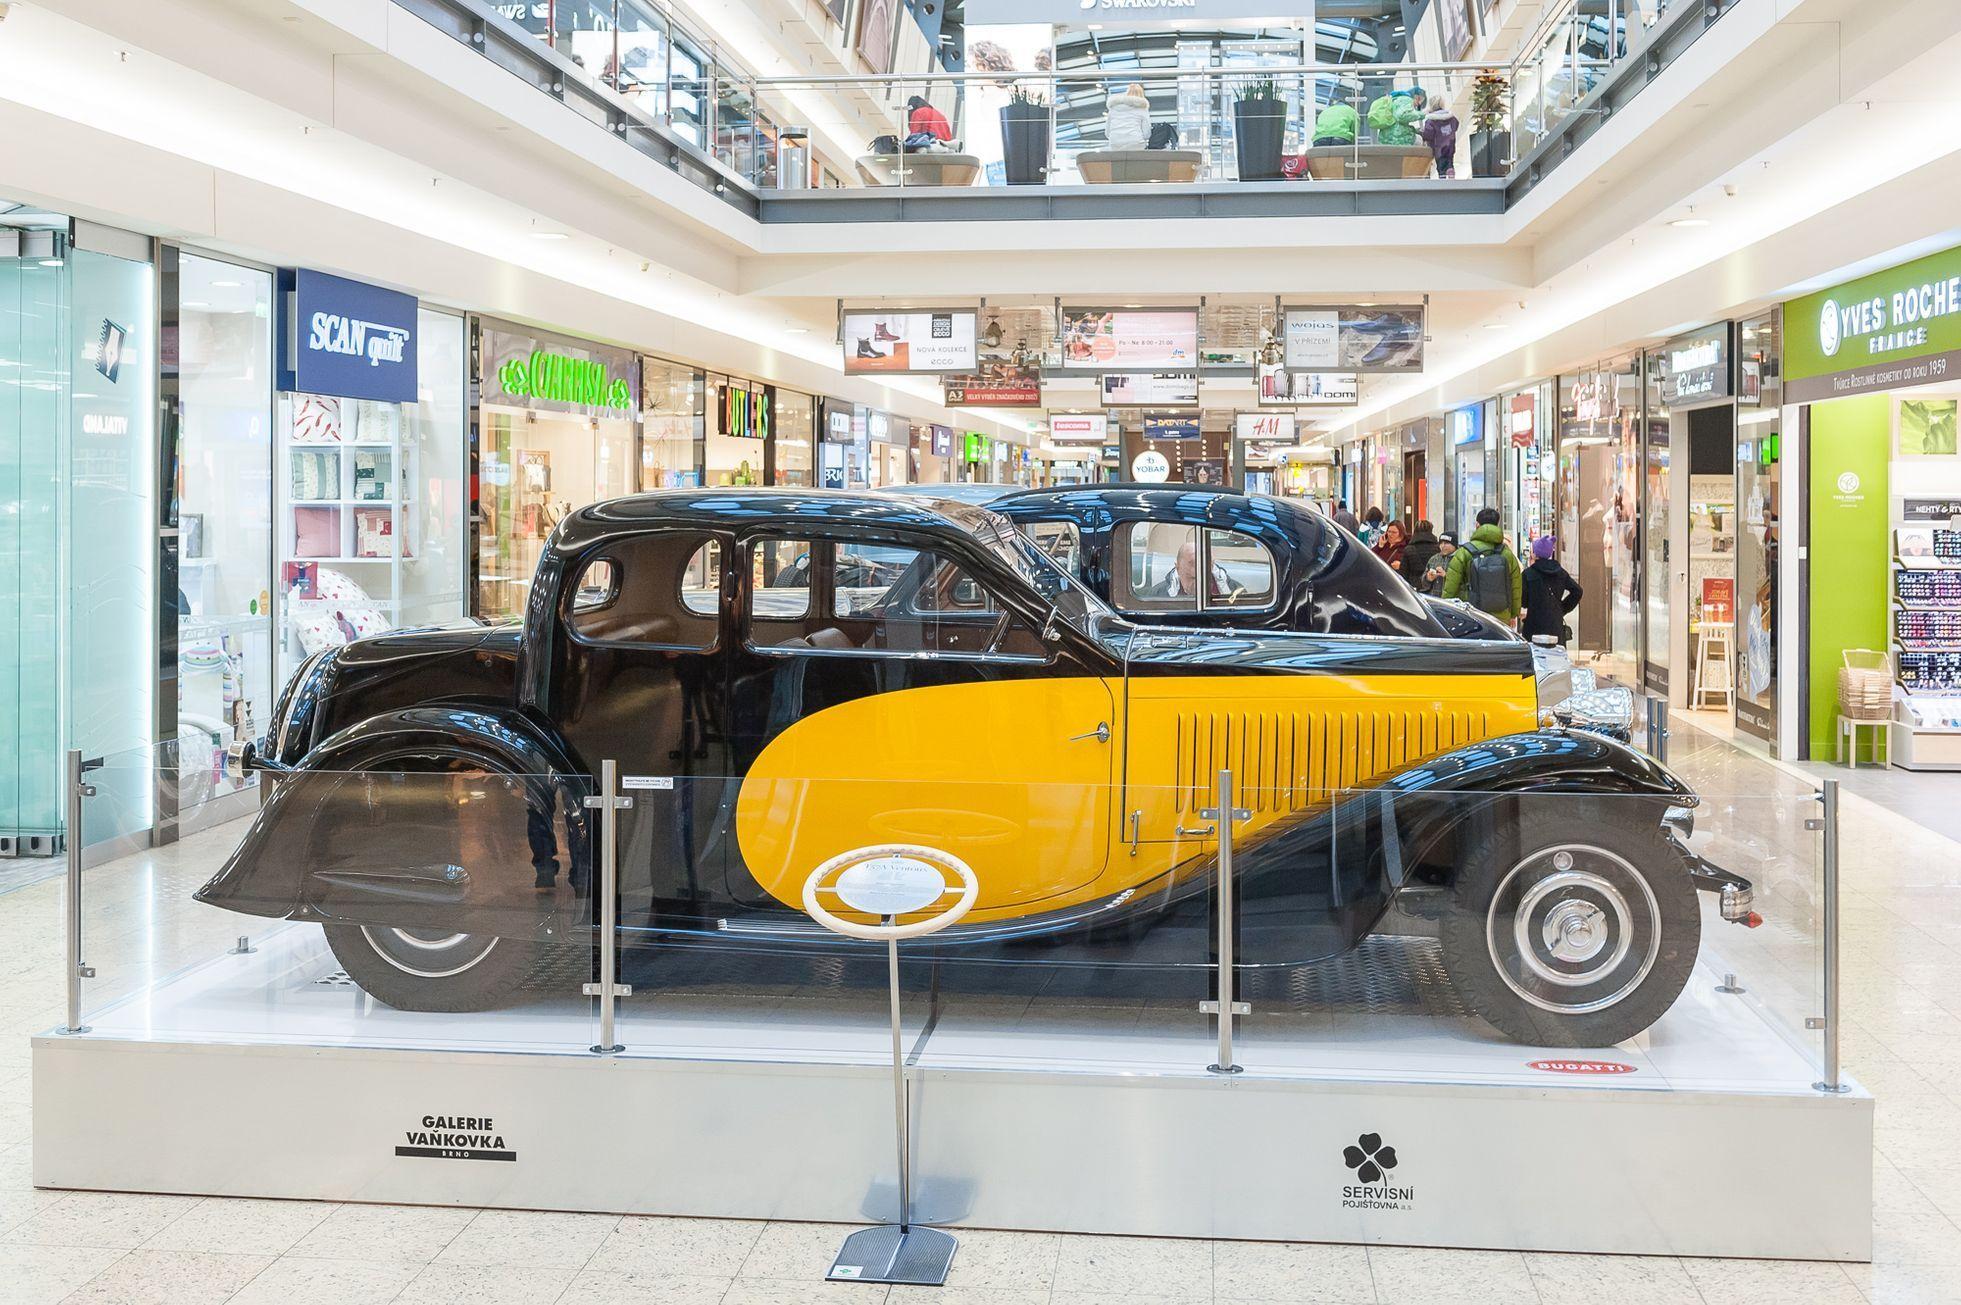 V Brne Parkuje Osmnact Bugatti Na Vystave Slavne Automobilky Jsou K Videni Skvosty Aktualne Cz